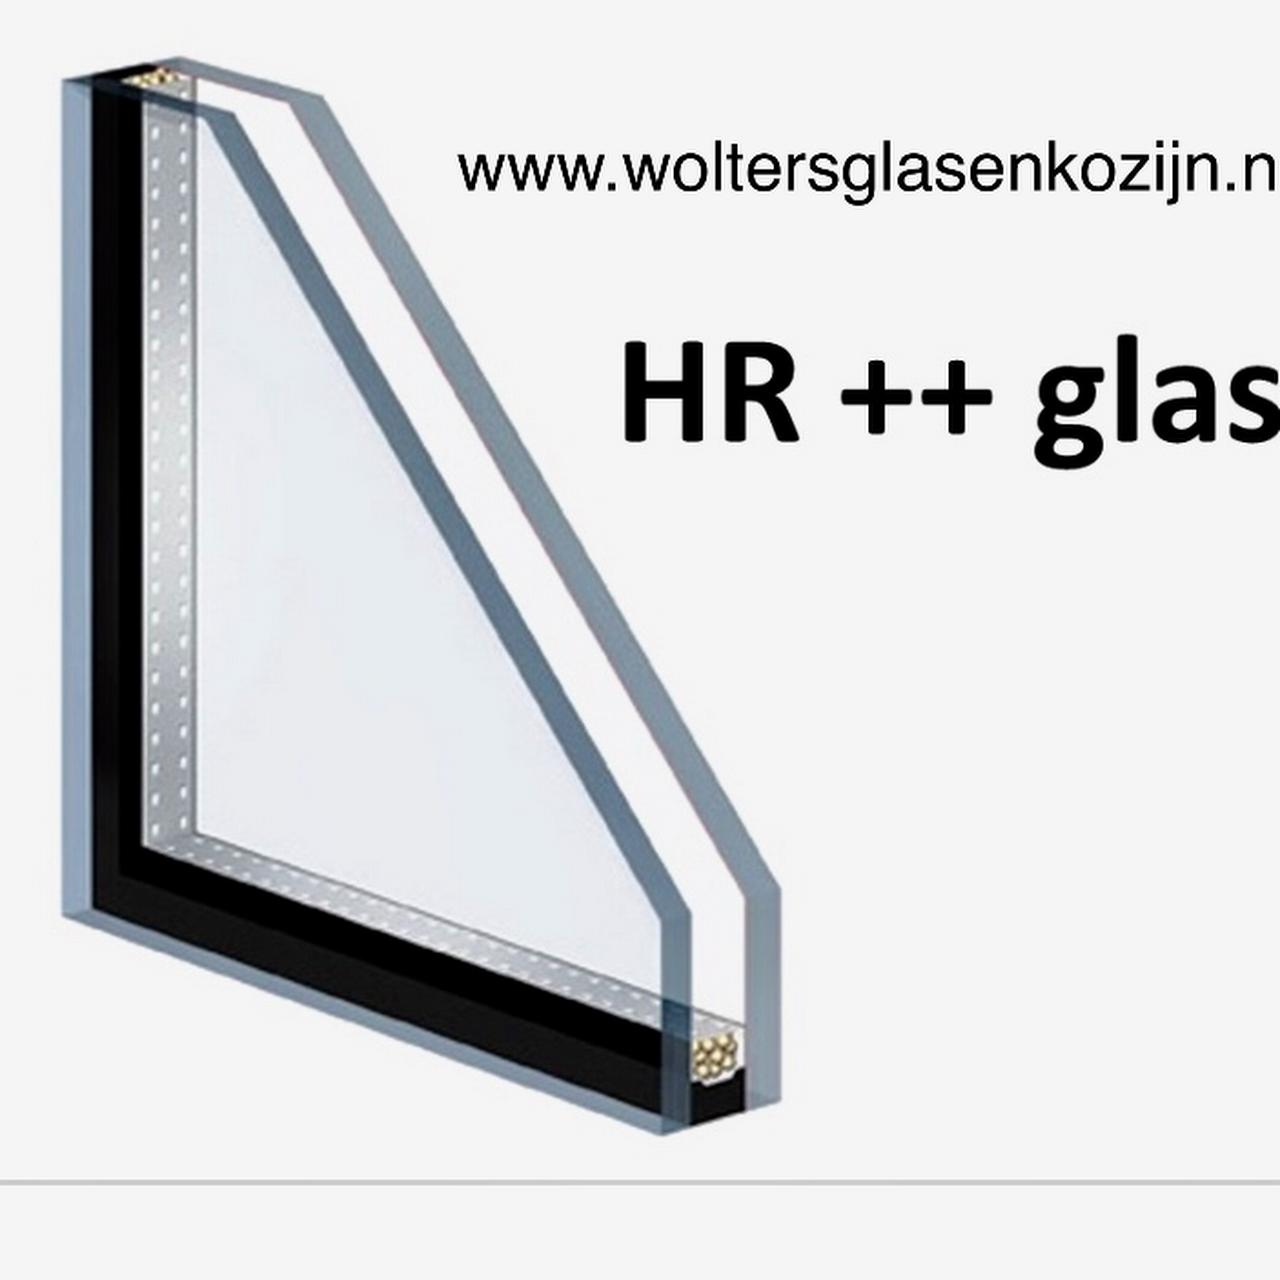 Goede Wolters Glas & Kozijn - Specialist in glas, houten- & kunststof KO-78